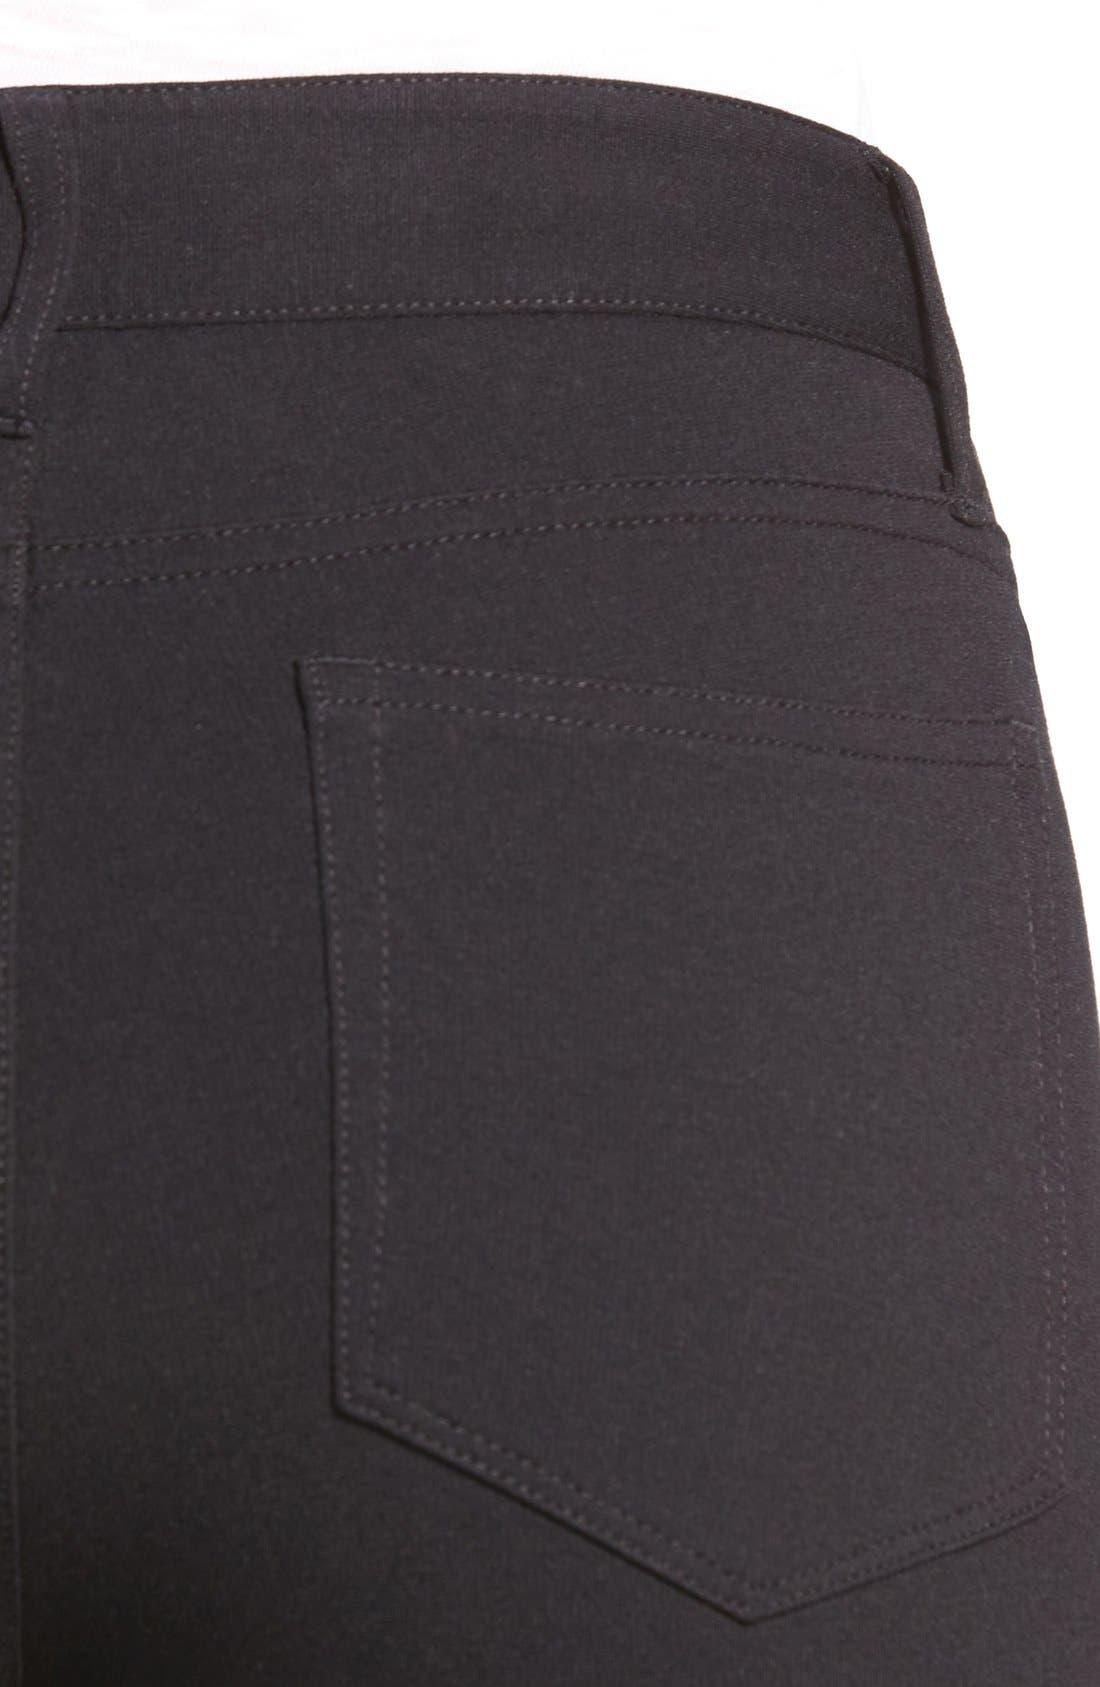 Hoxton Ankle Ponte Pants,                             Alternate thumbnail 3, color,                             001